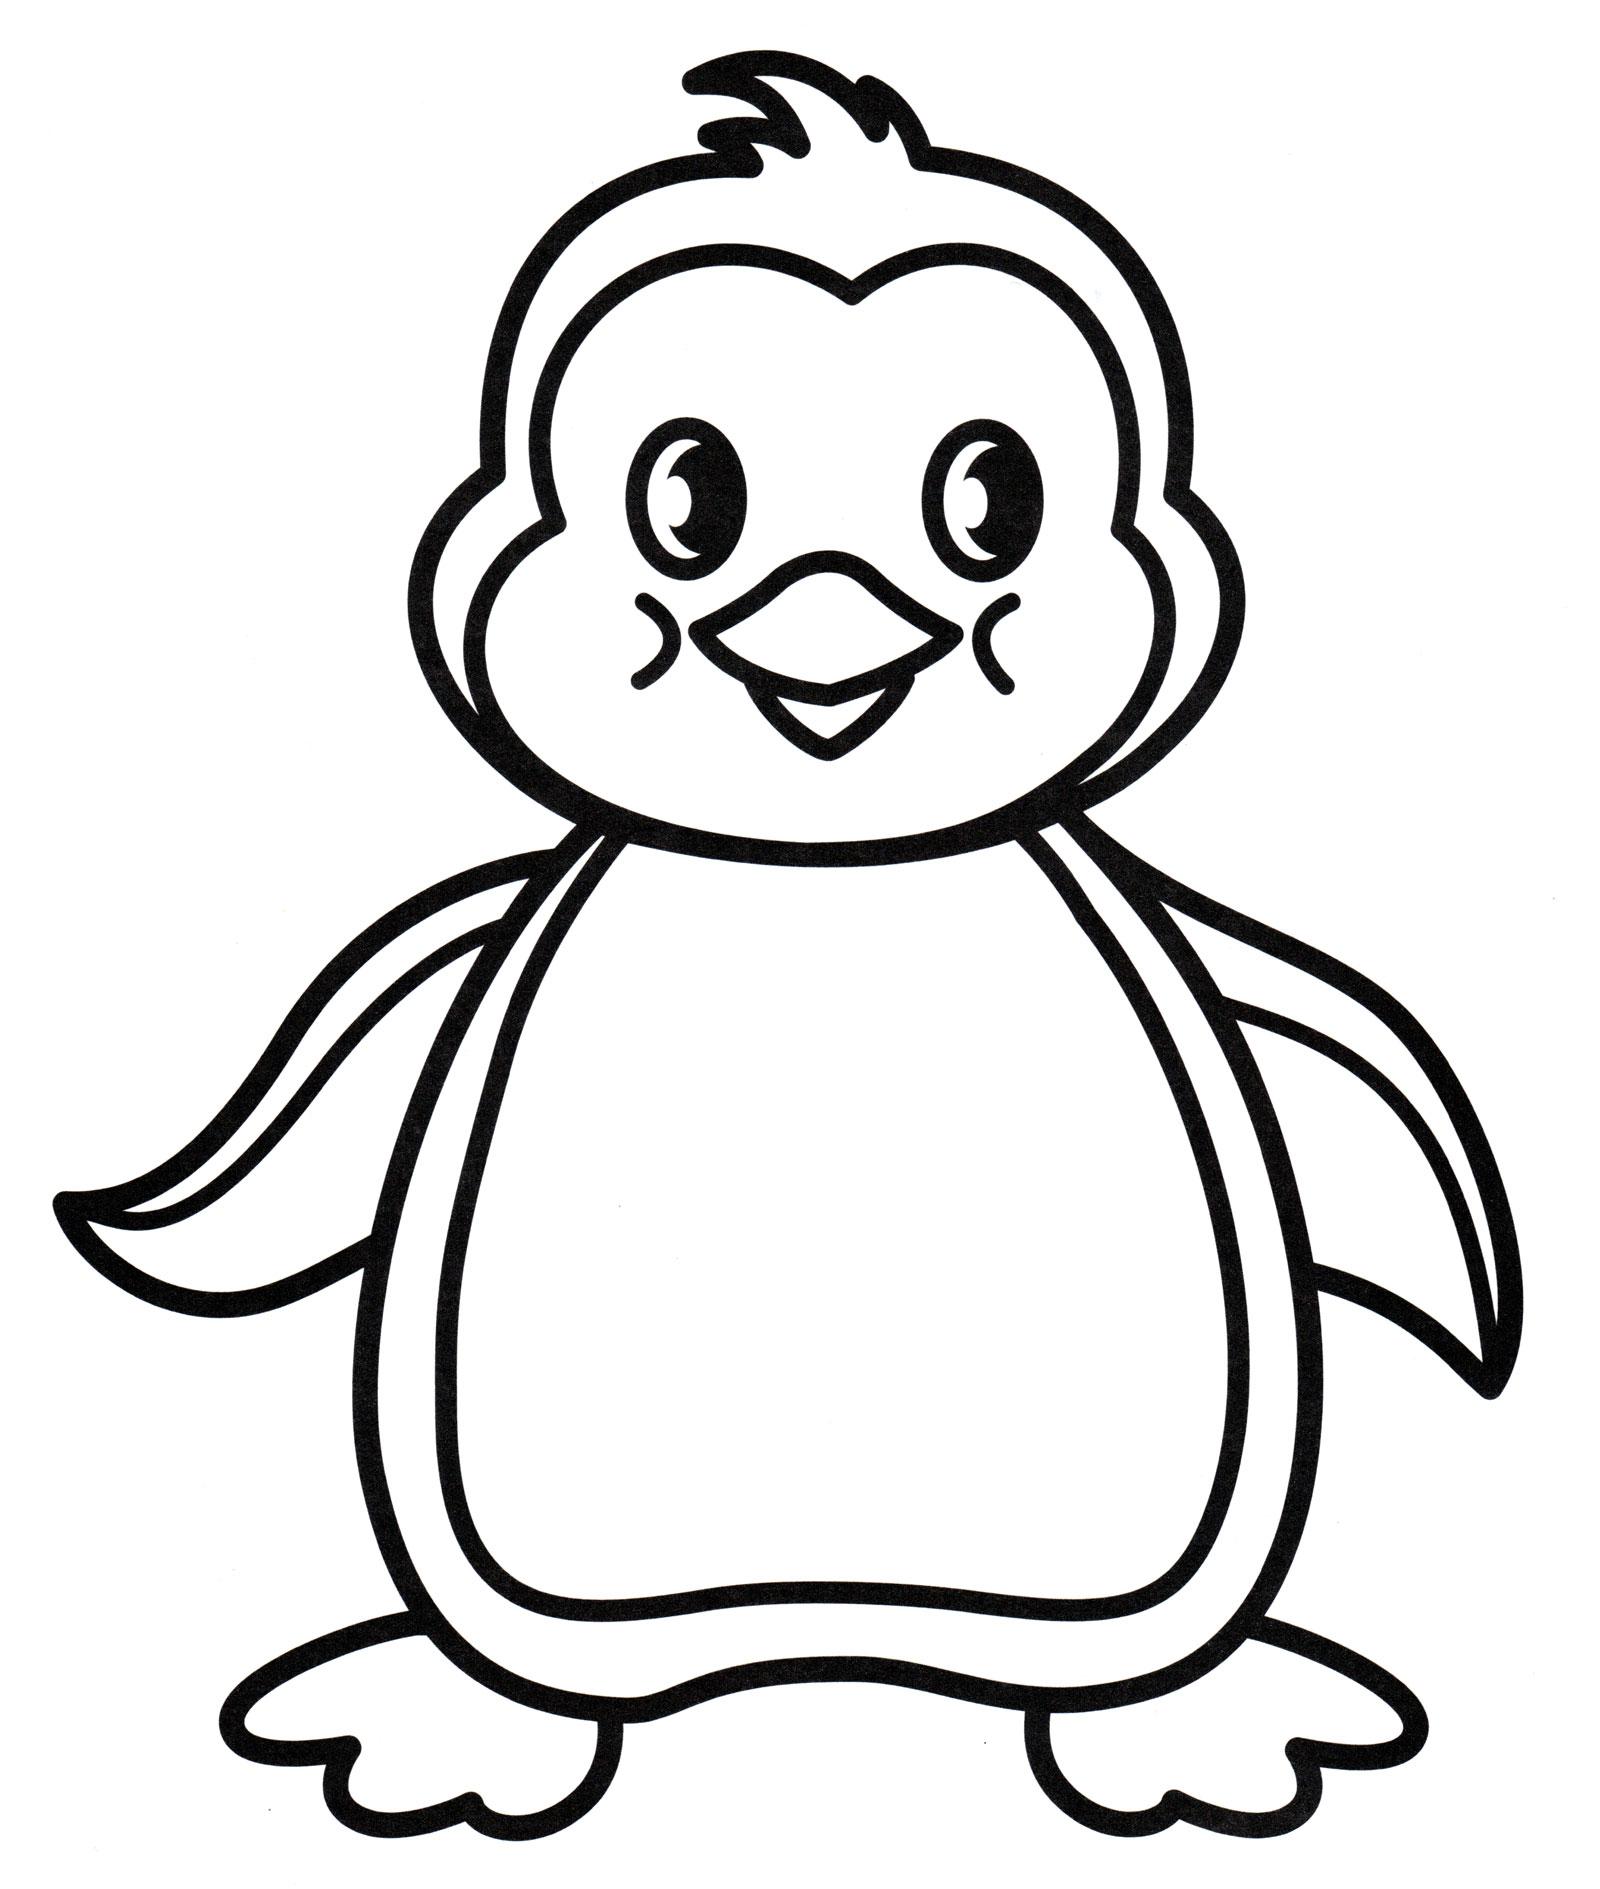 Раскраска Малыш пингвиненок - распечатать бесплатно